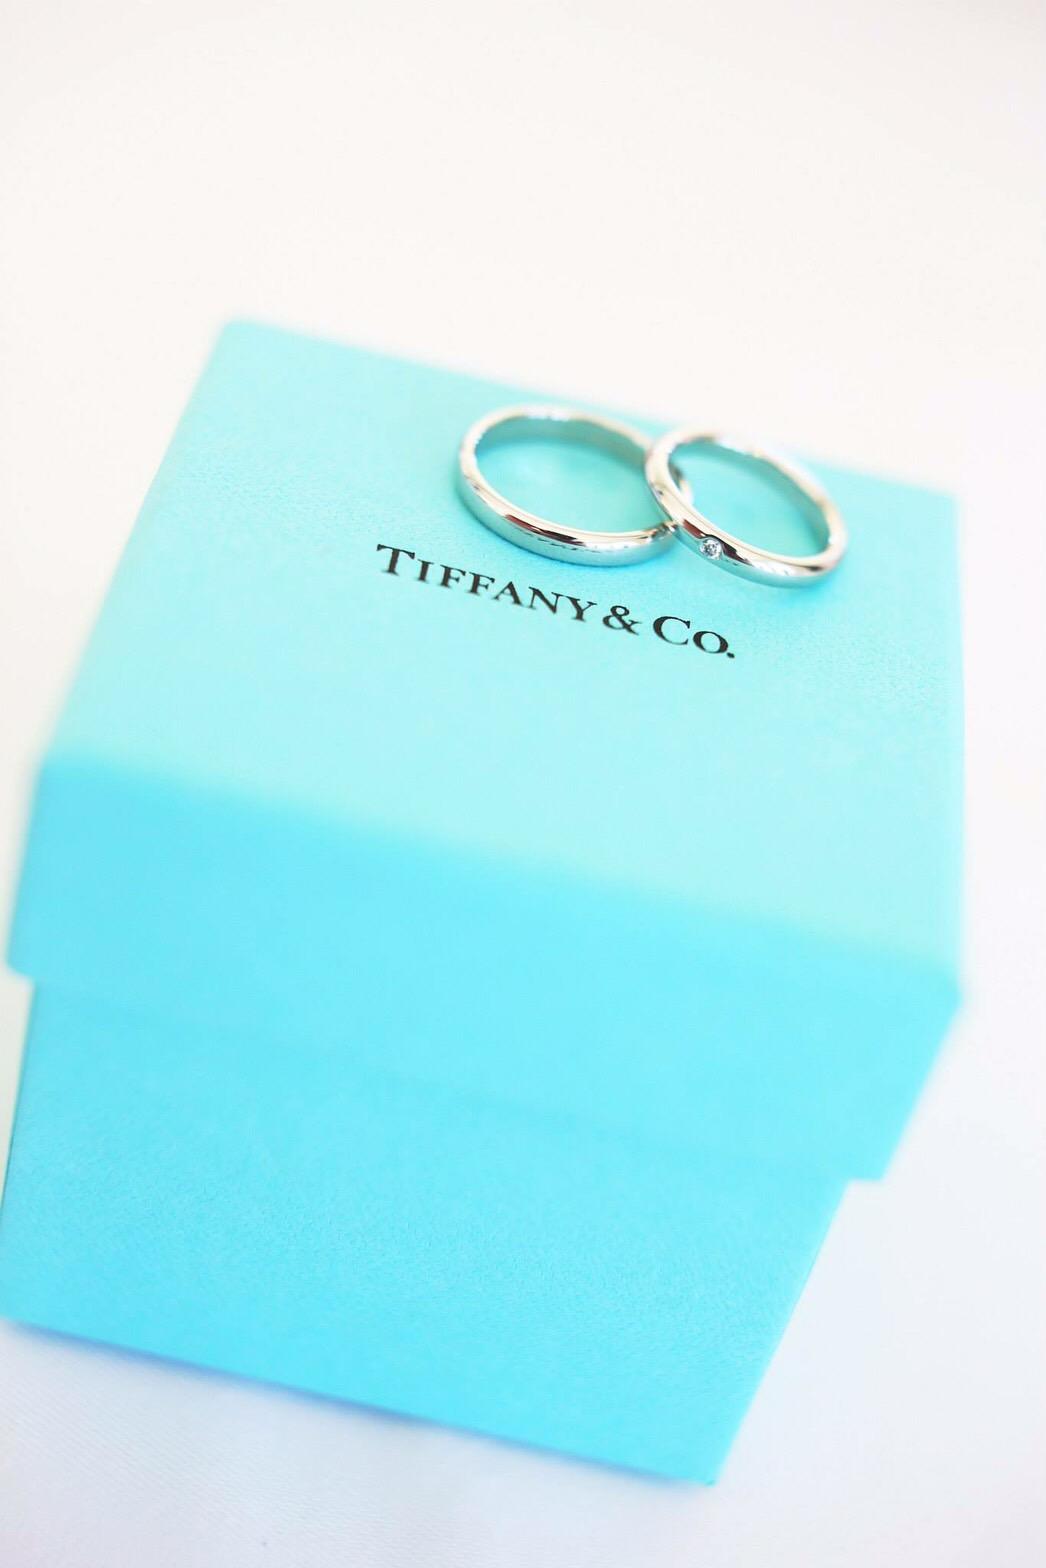 高橋彩乃さん(30歳/広告代理店)の結婚指輪と婚約指輪